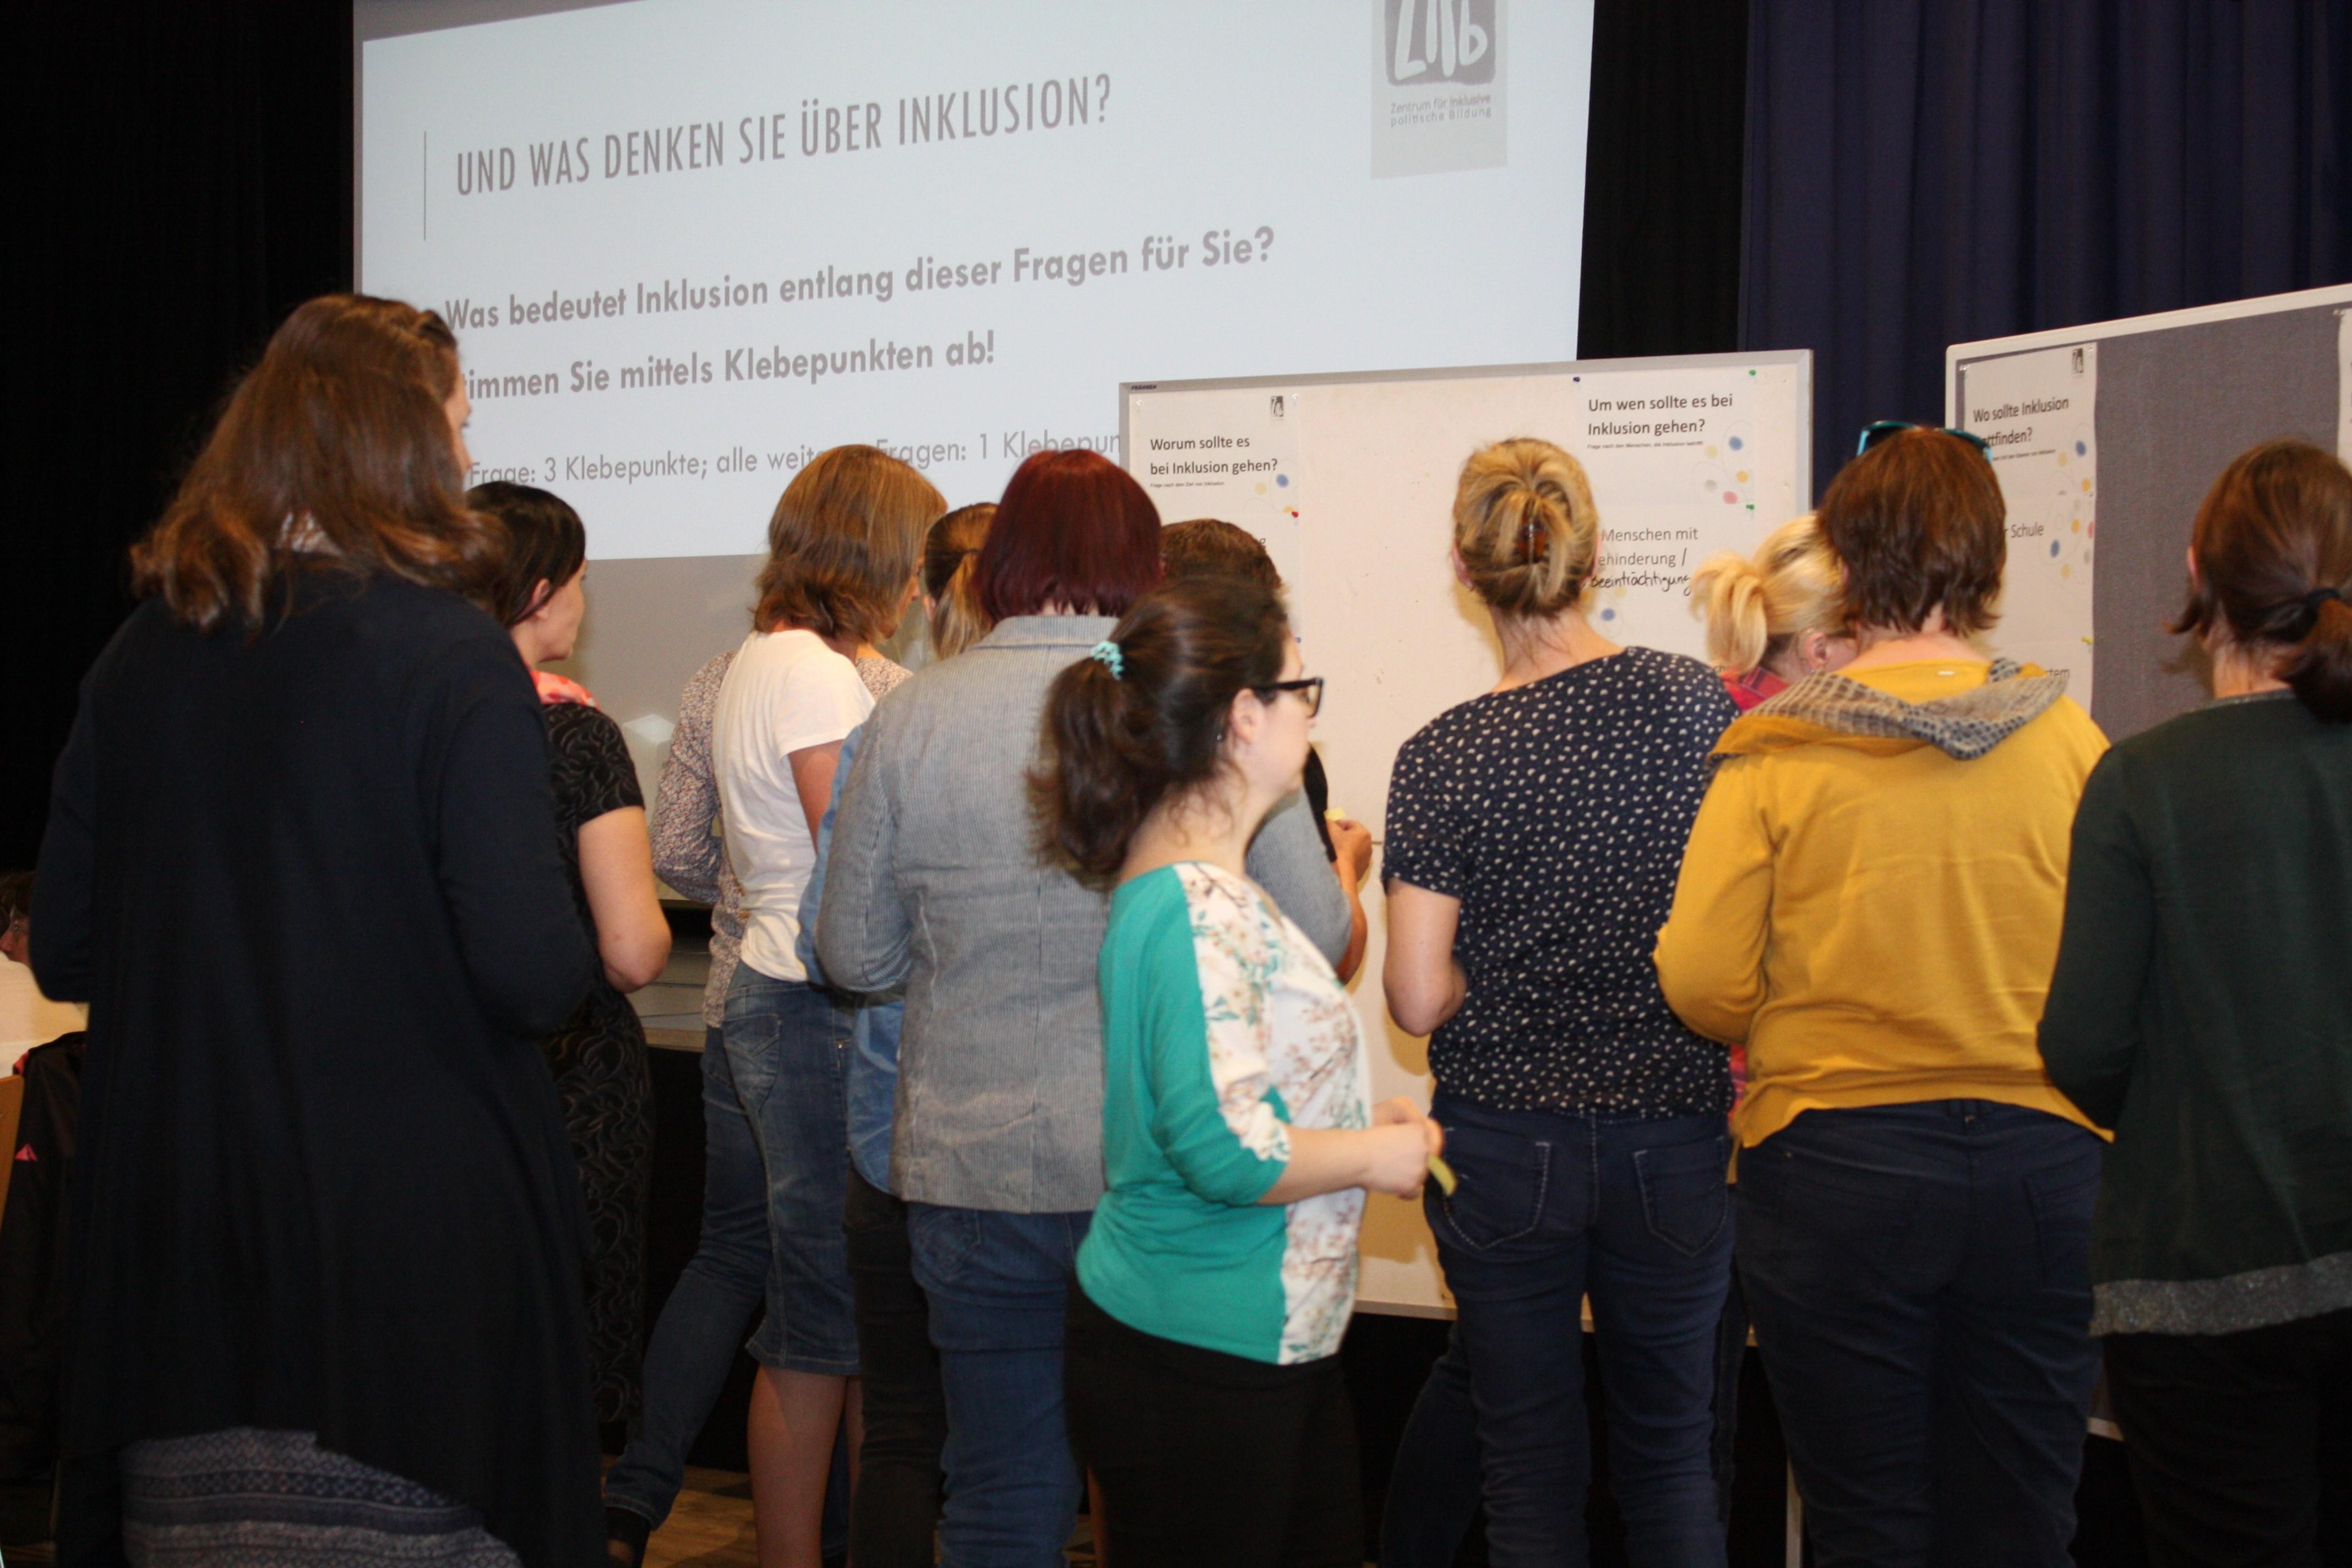 Die Teilnehmenden stehen an Stellwänden und stimmen ab, was Inklusion für sie bedeutet